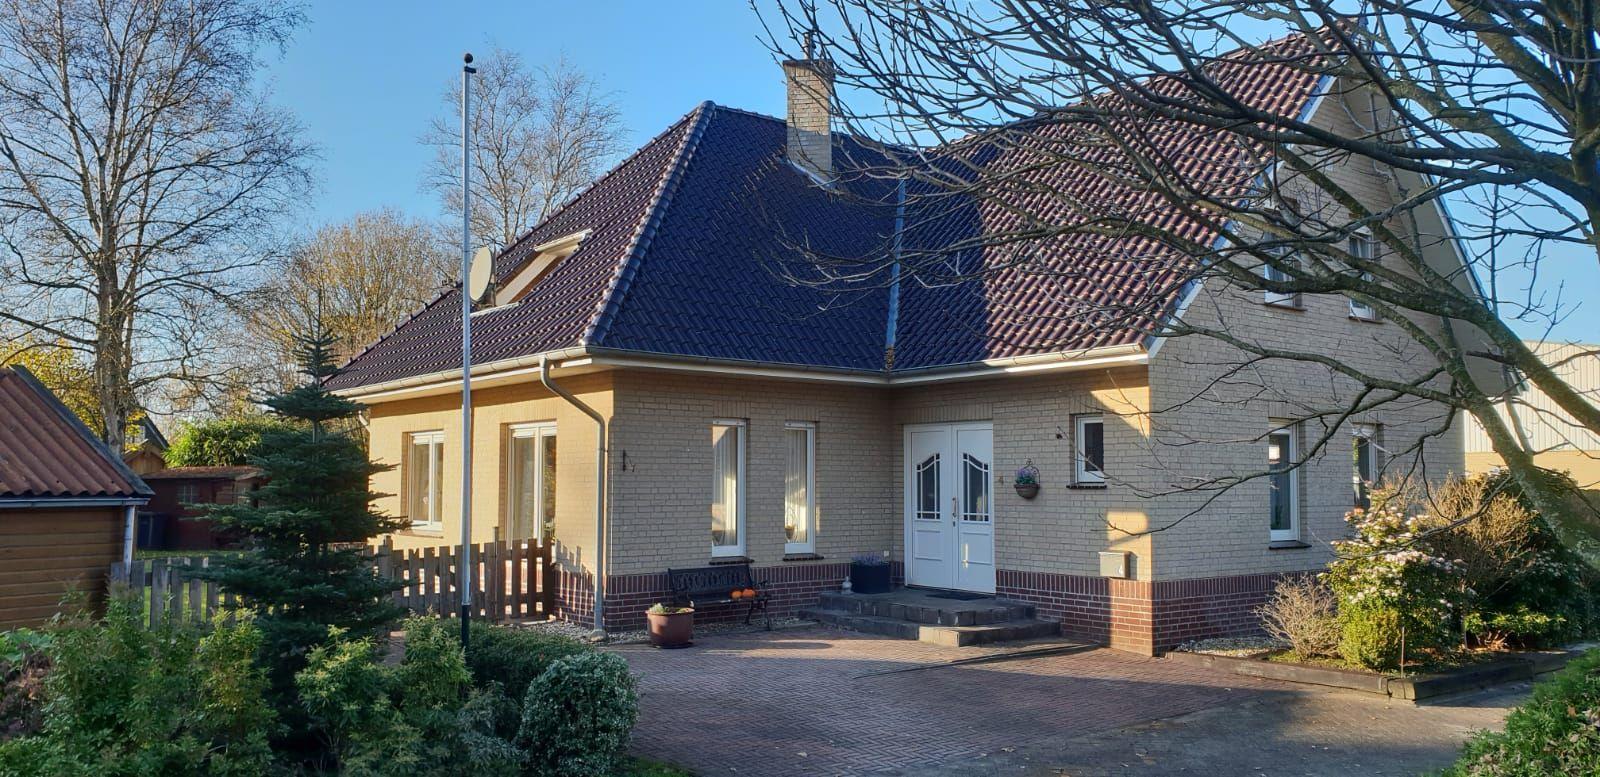 Herendijk 4, Nieuw-amsterdam